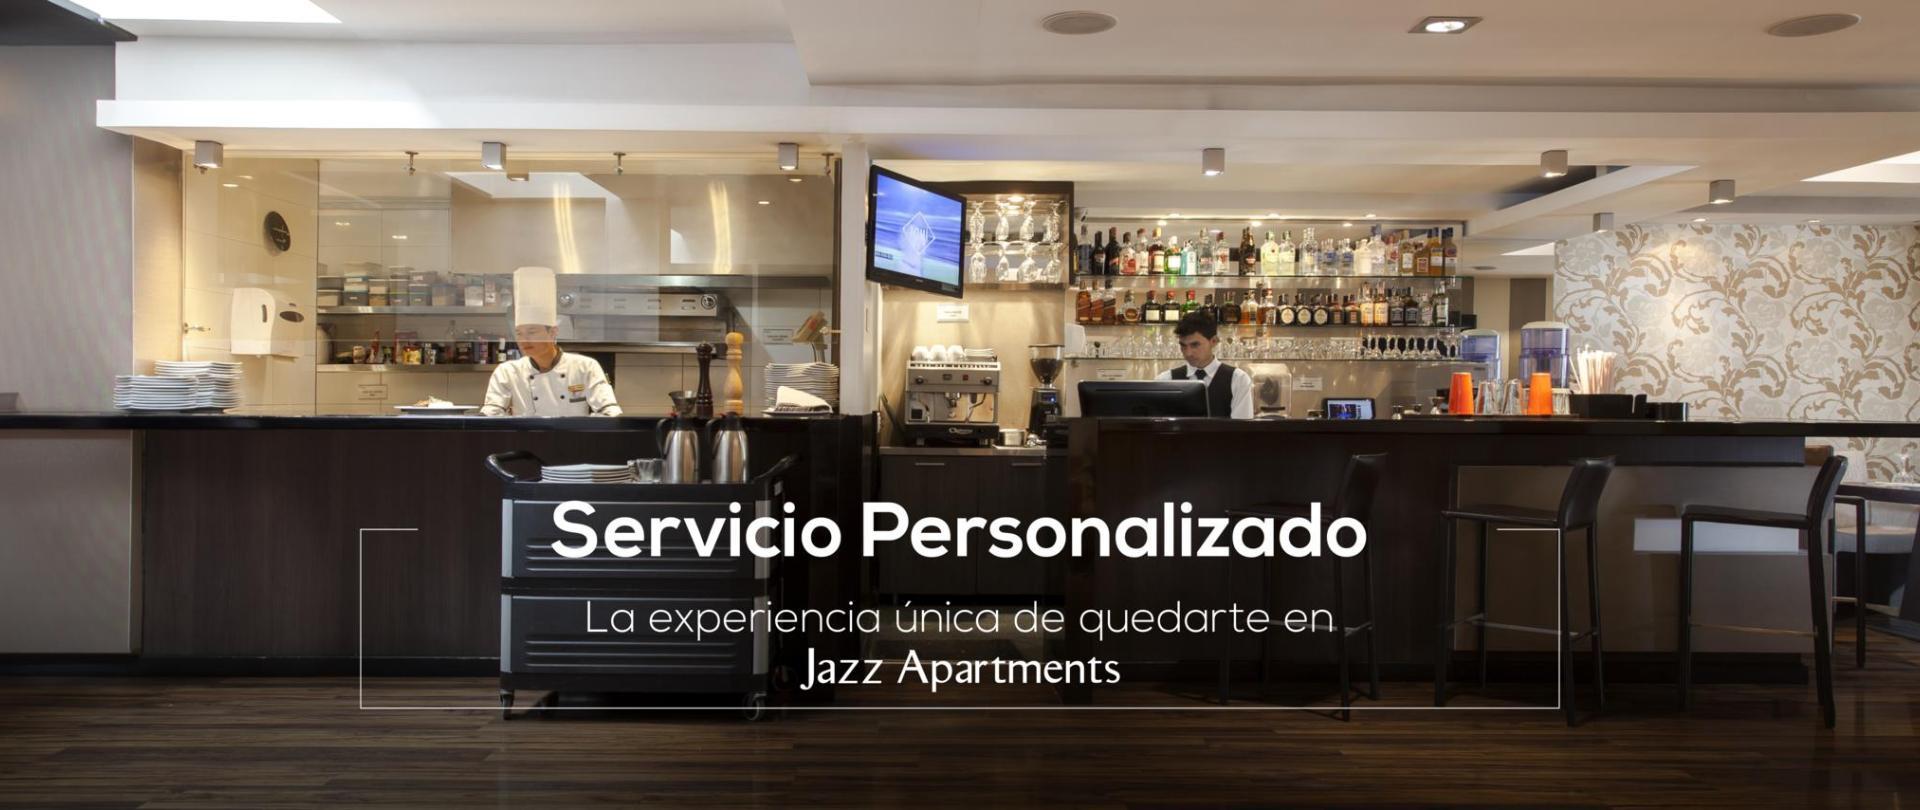 www-jazzapartments-com-servicio-personalizado-espa-ol.png